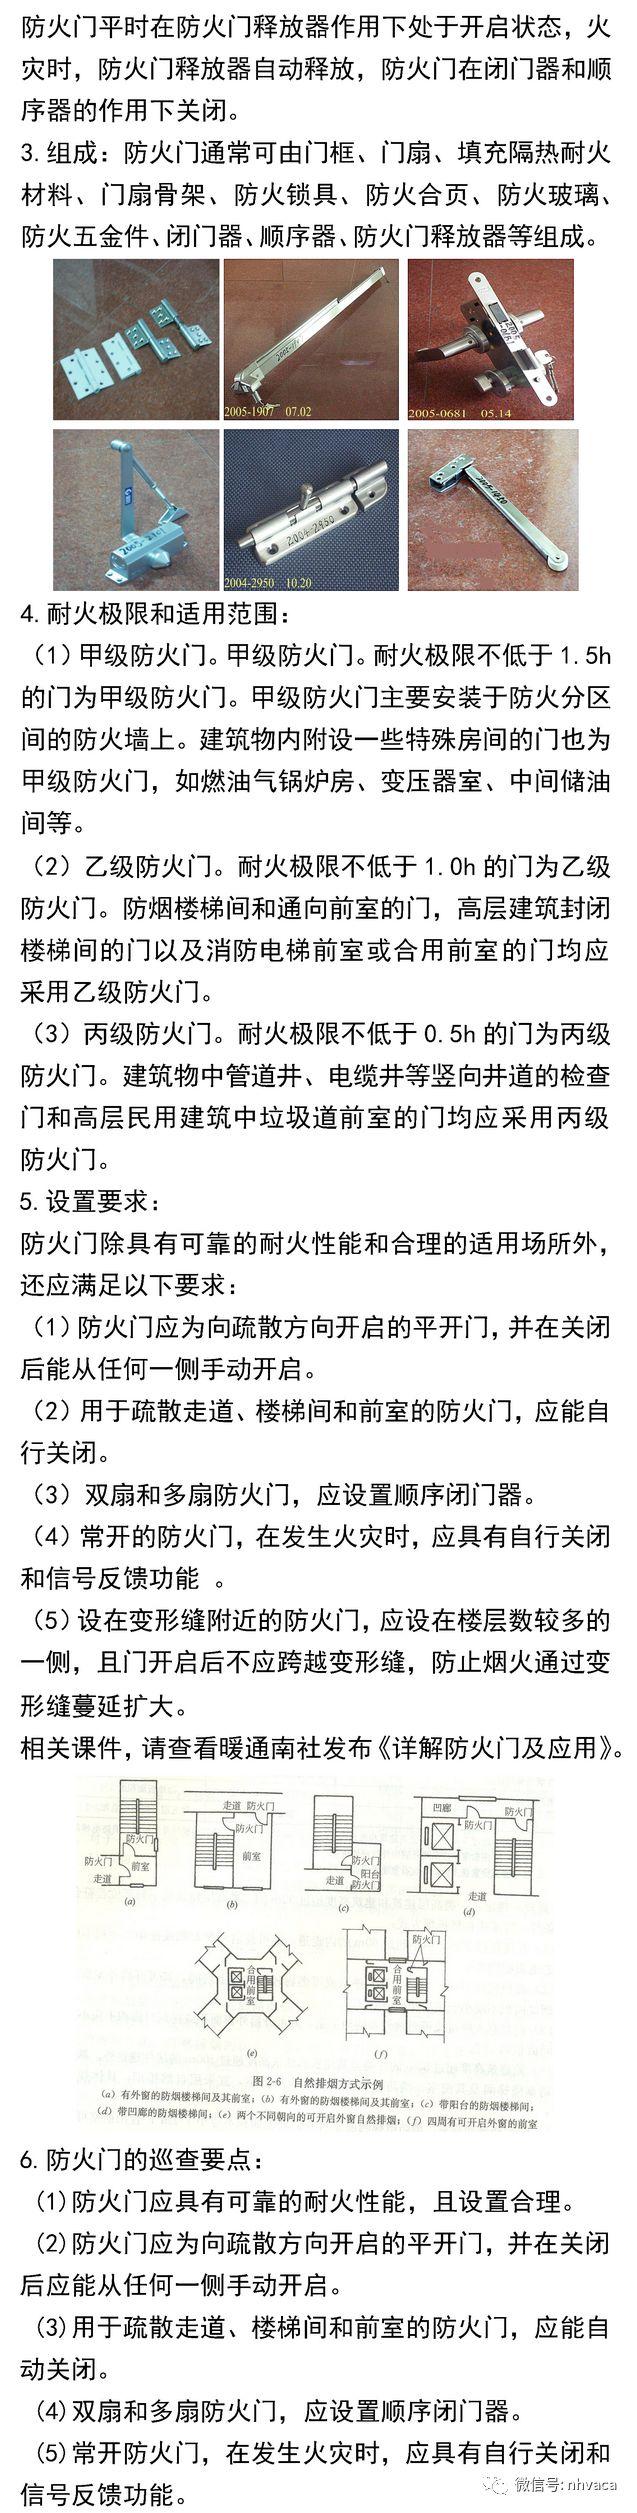 防火分隔设施基础知识汇总_3